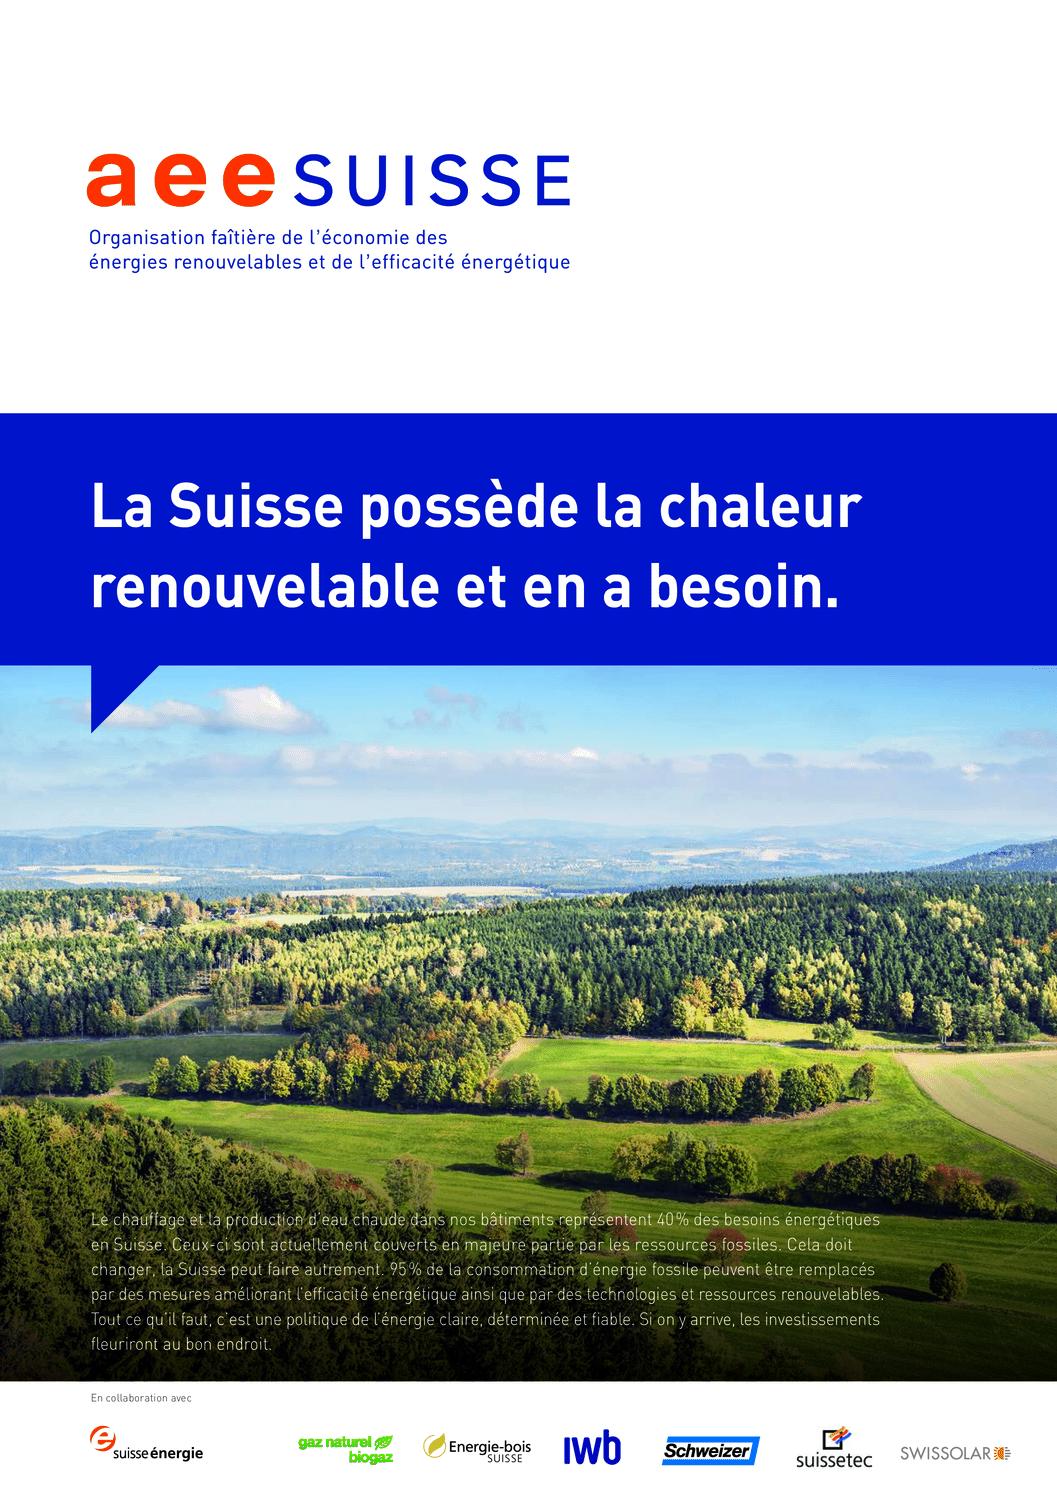 aee suisse Brochure Chaleur renouvelable